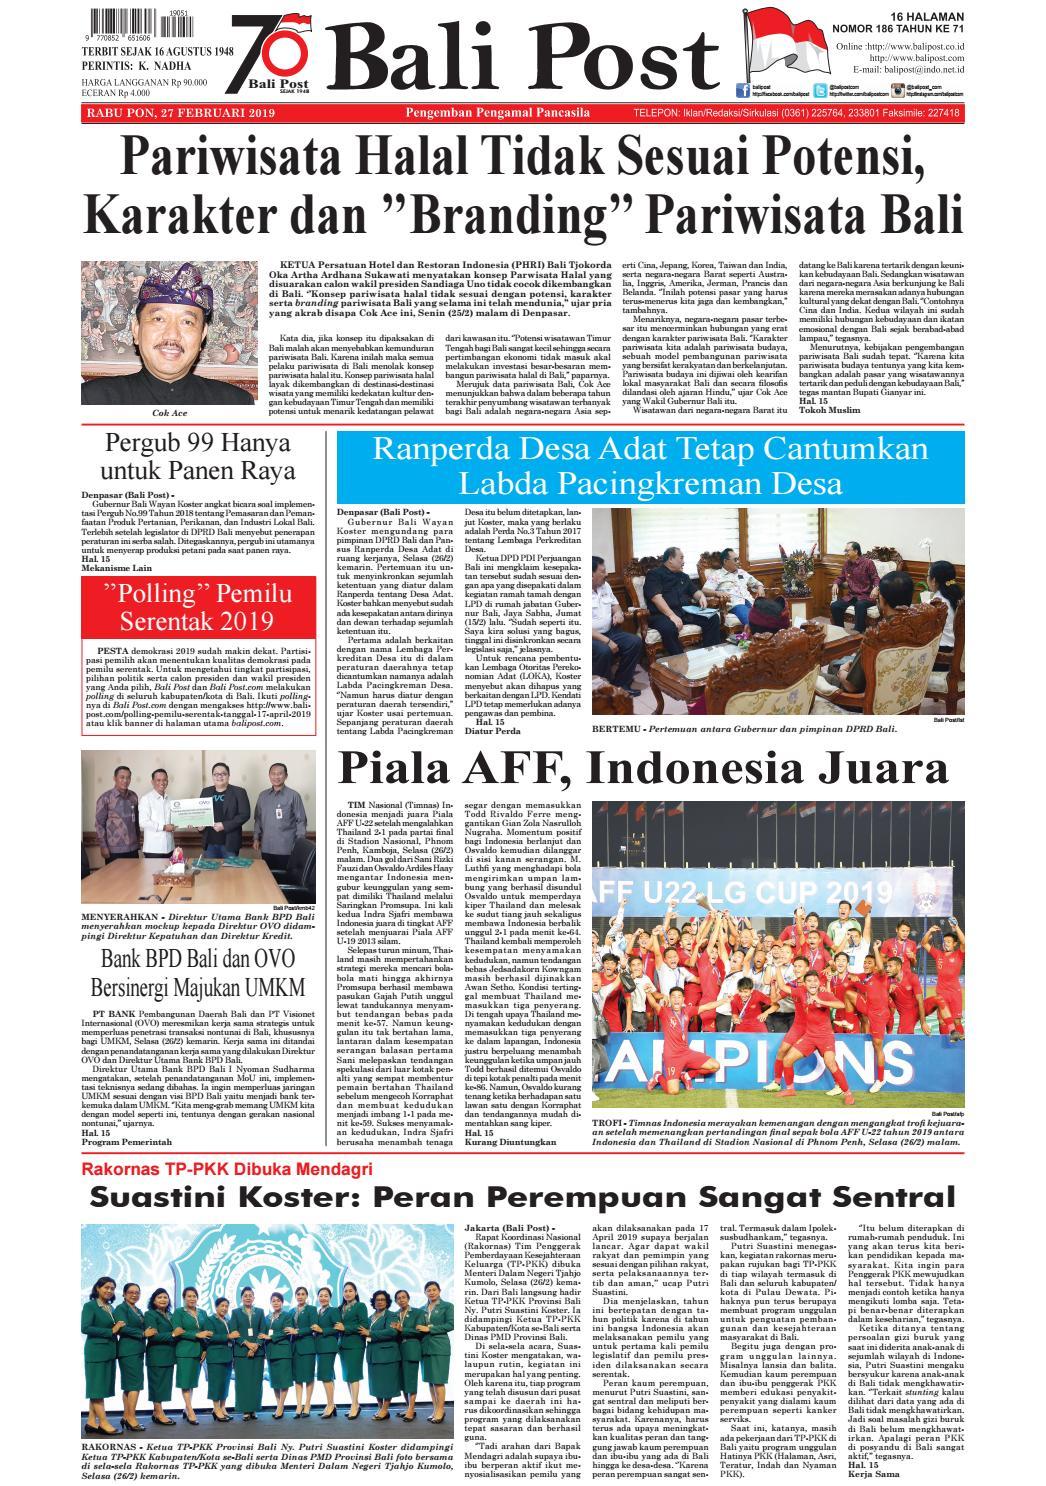 Edisi rabu 27 februari 2019 balipost com by e paper kmb issuu